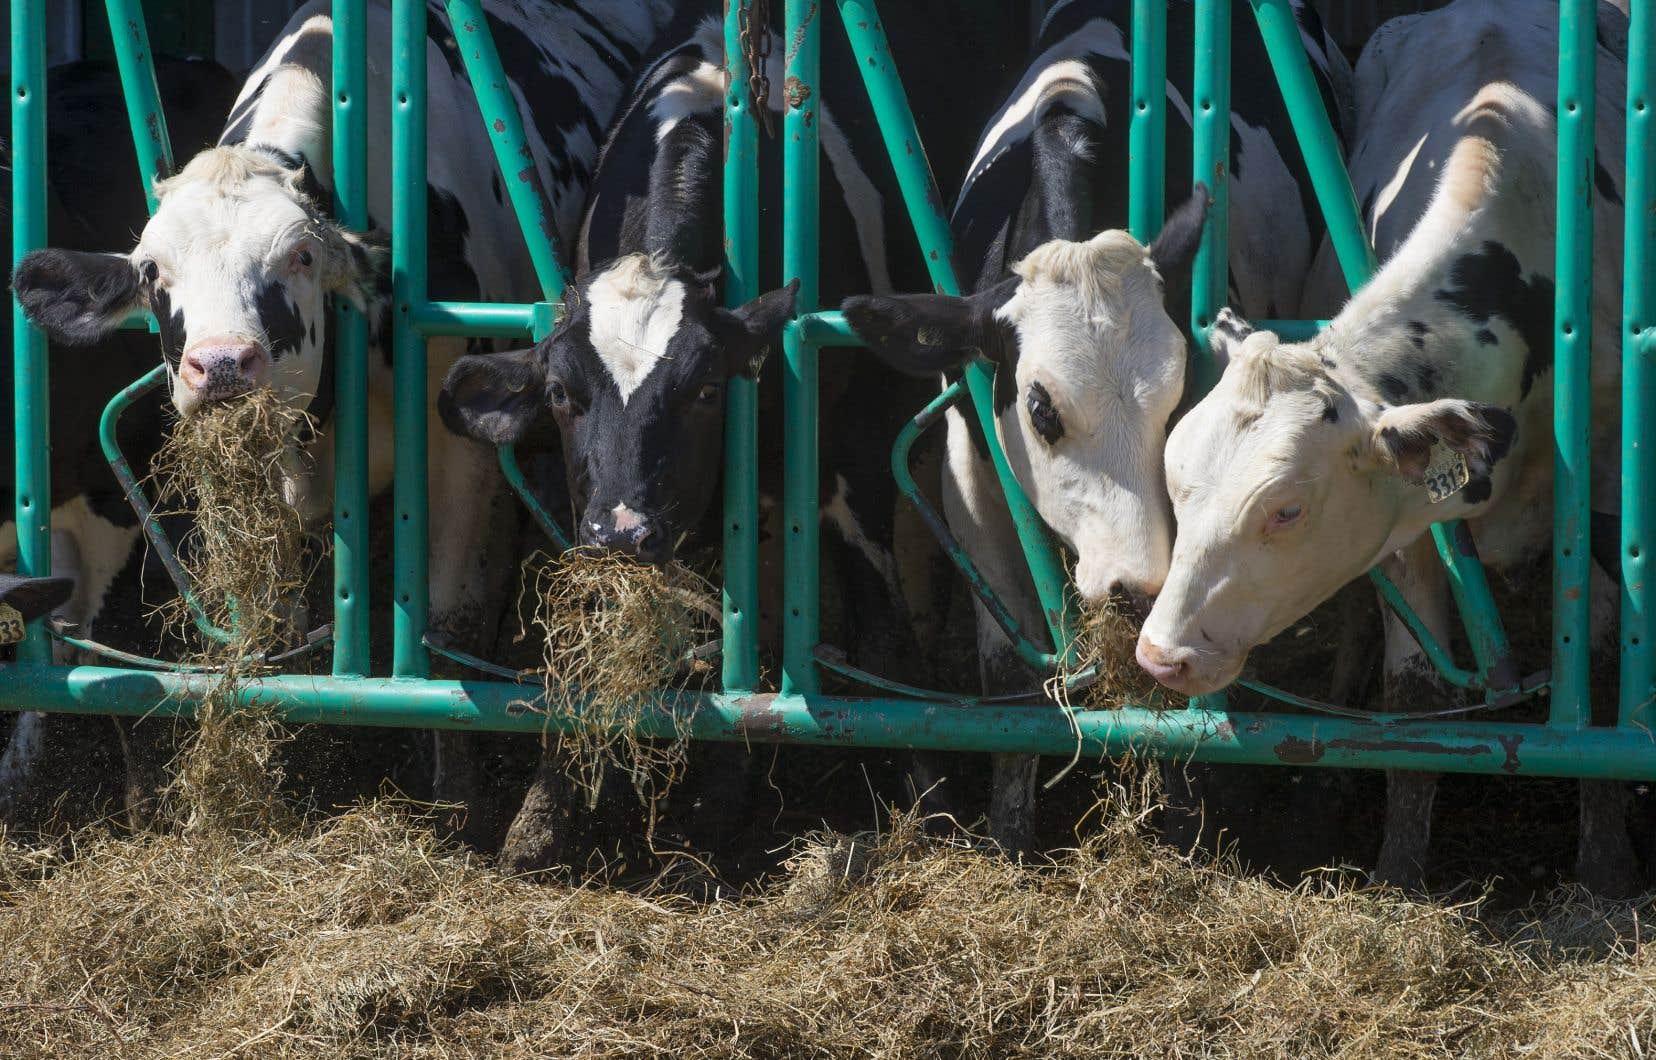 La gestion de l'offre, qui contrôle strictement la production, couvre cinq secteurs: le lait, les dindons, le poulet, les oeufs d'incubation et les oeufs de consommation.